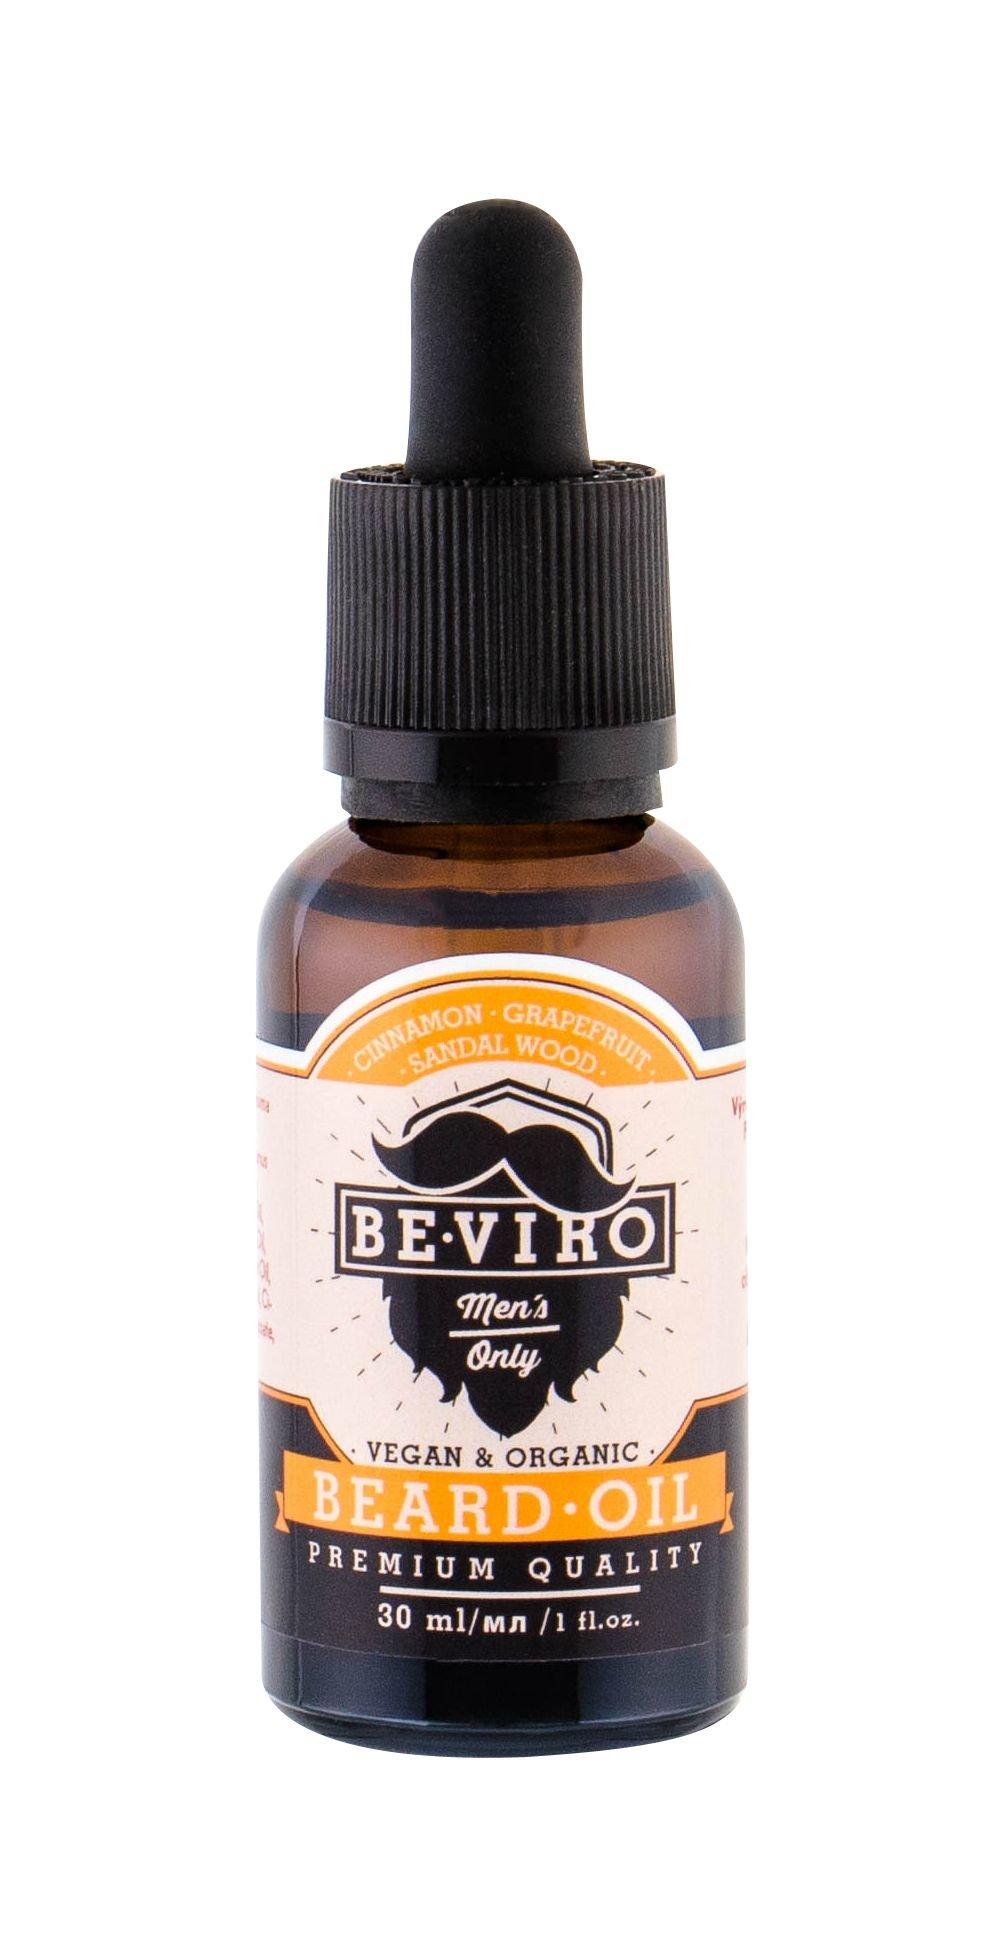 Be-Viro Men´s Only Beard Oil 30ml Grapefruit, Cinnamon, Sandal Wood